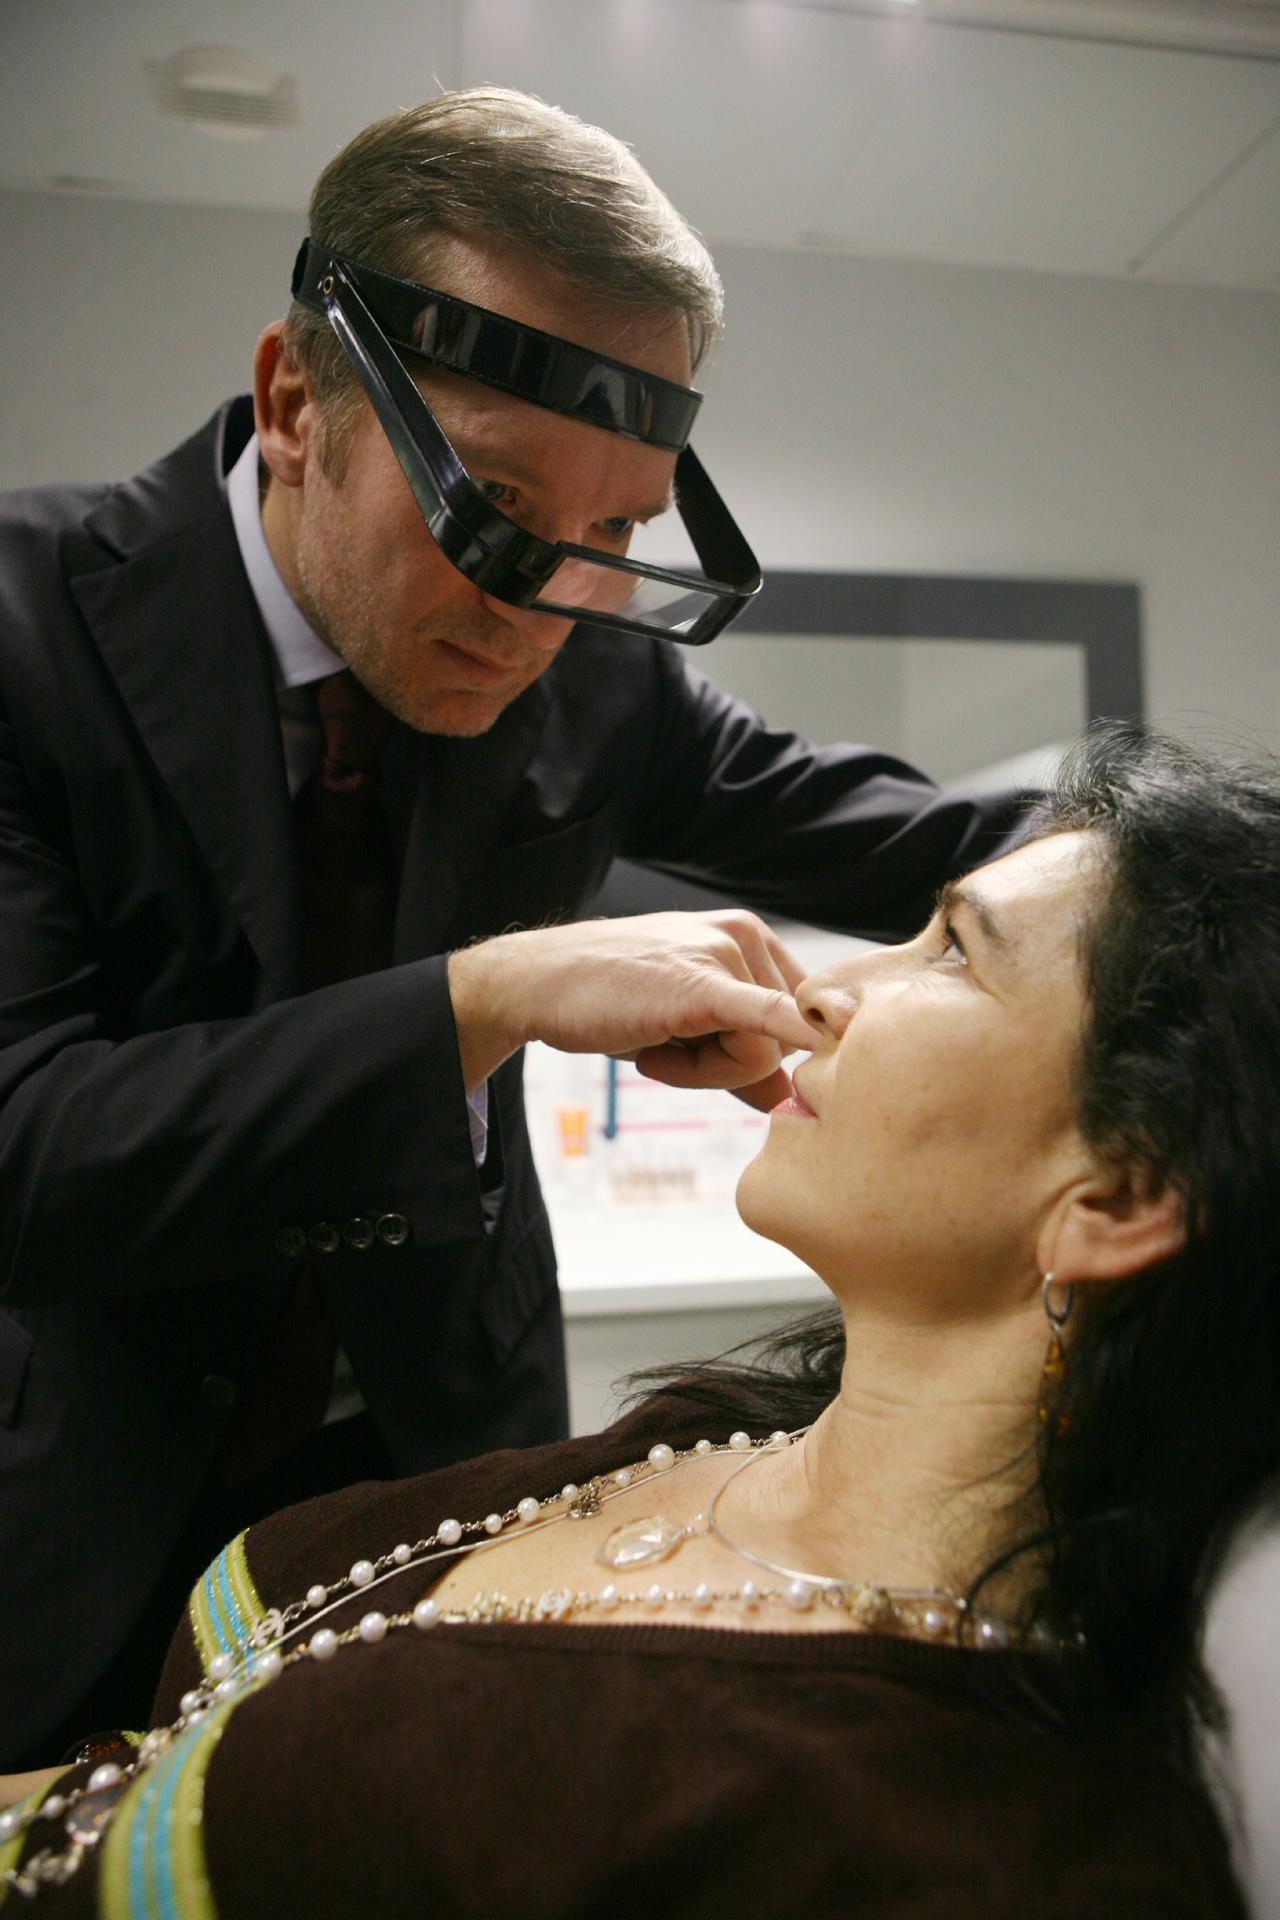 Médecine et chirurgie esthétique